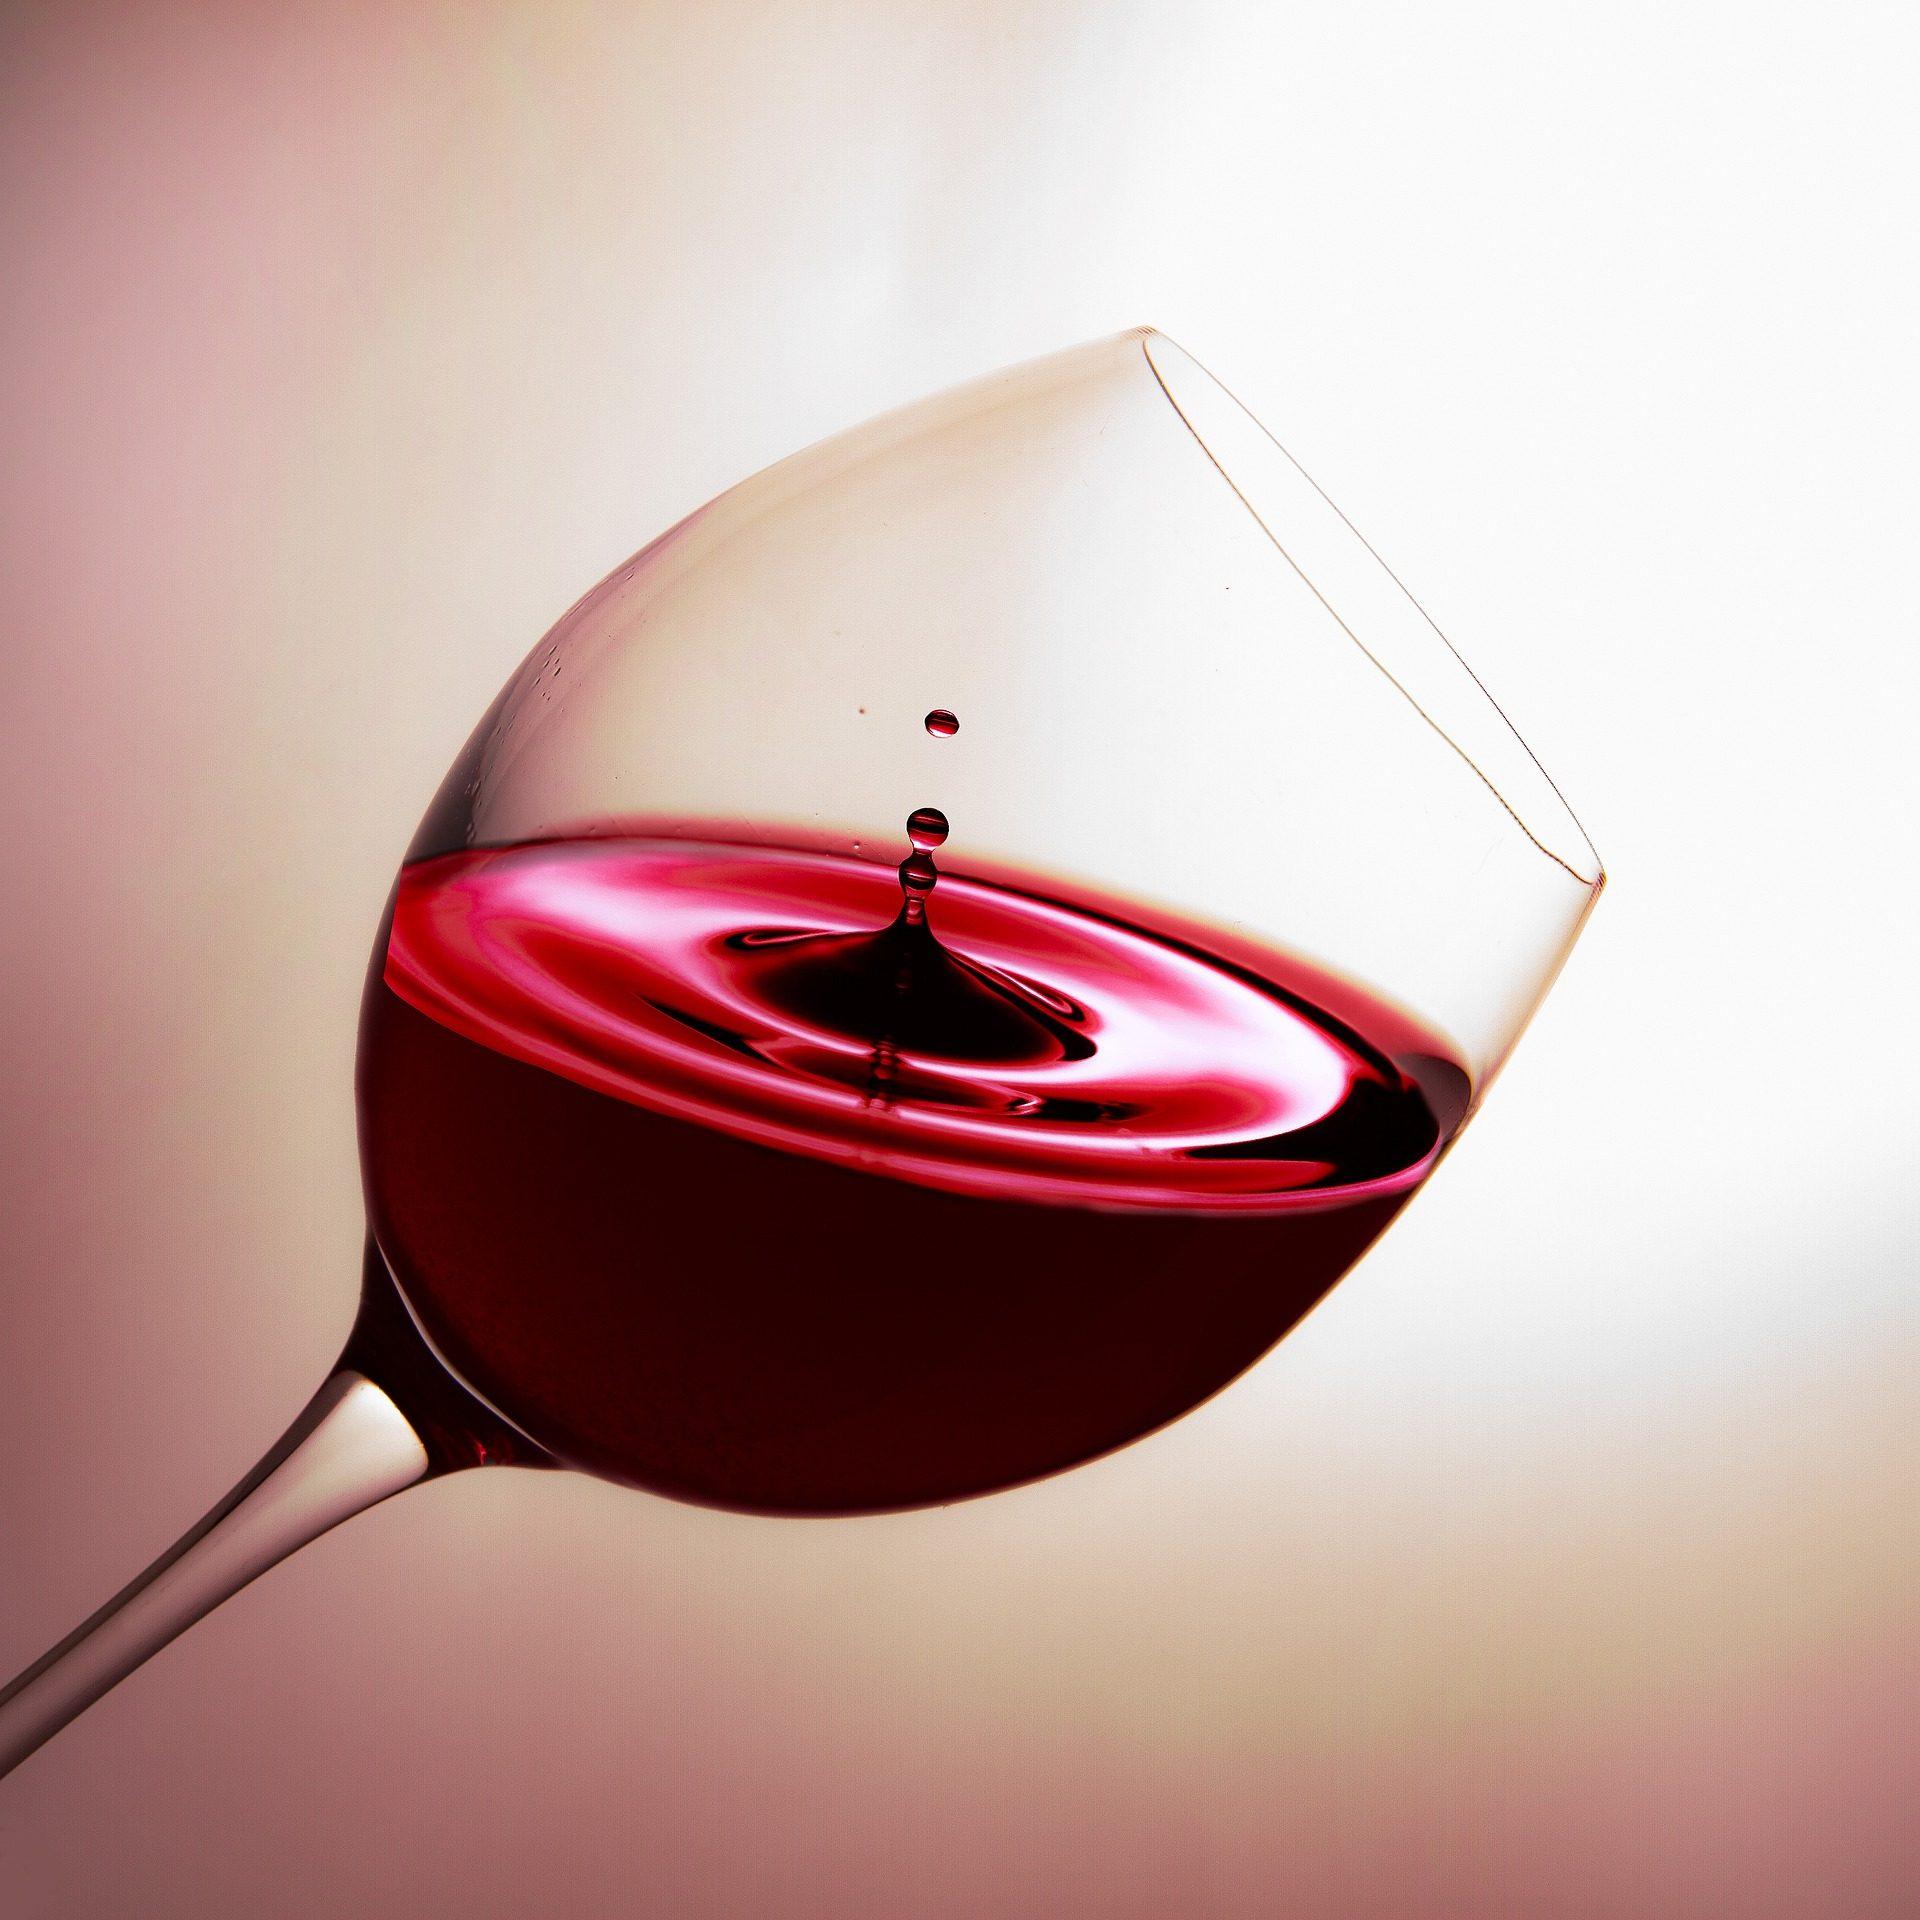 κρασί, Κύπελλο, Κρύσταλλο, κύματα, σταγόνες - Wallpapers HD - Professor-falken.com